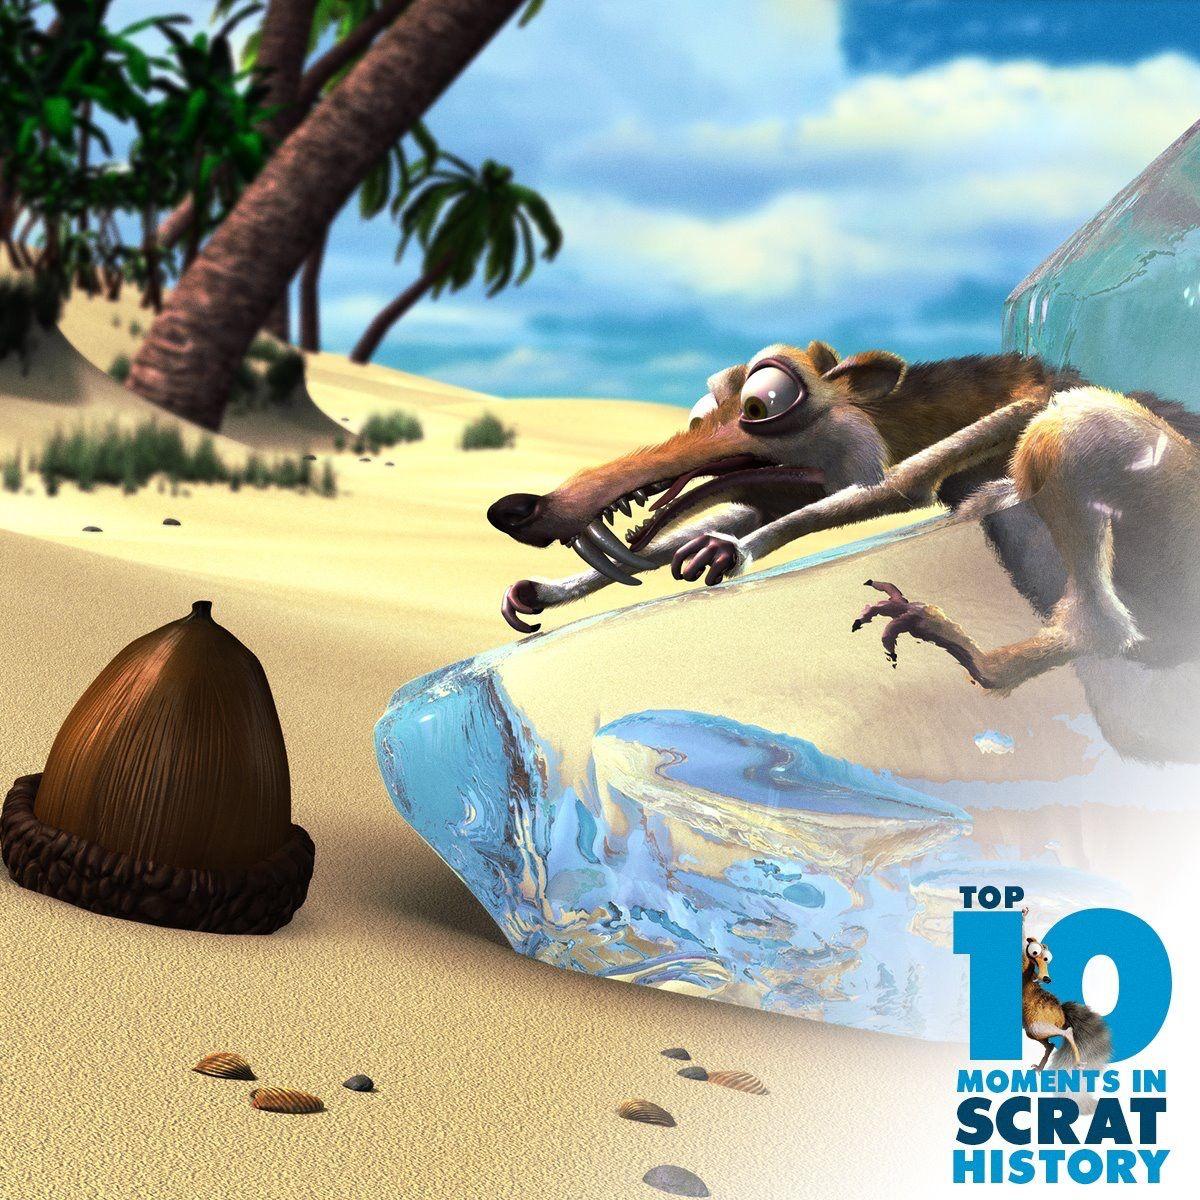 Scrat moment #10